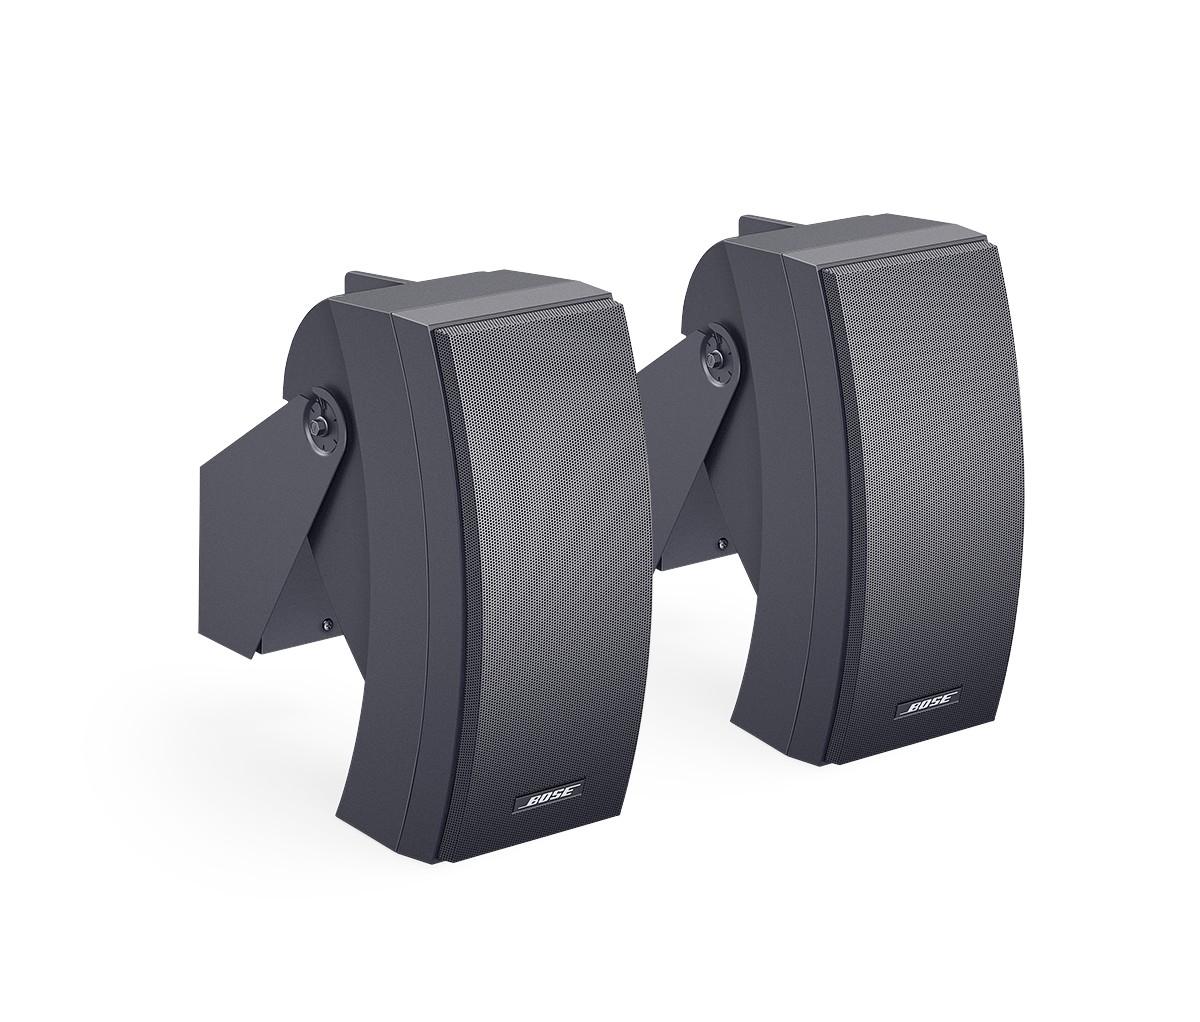 Pair of 200W Pannaray Commercial Loudspeakers in Black